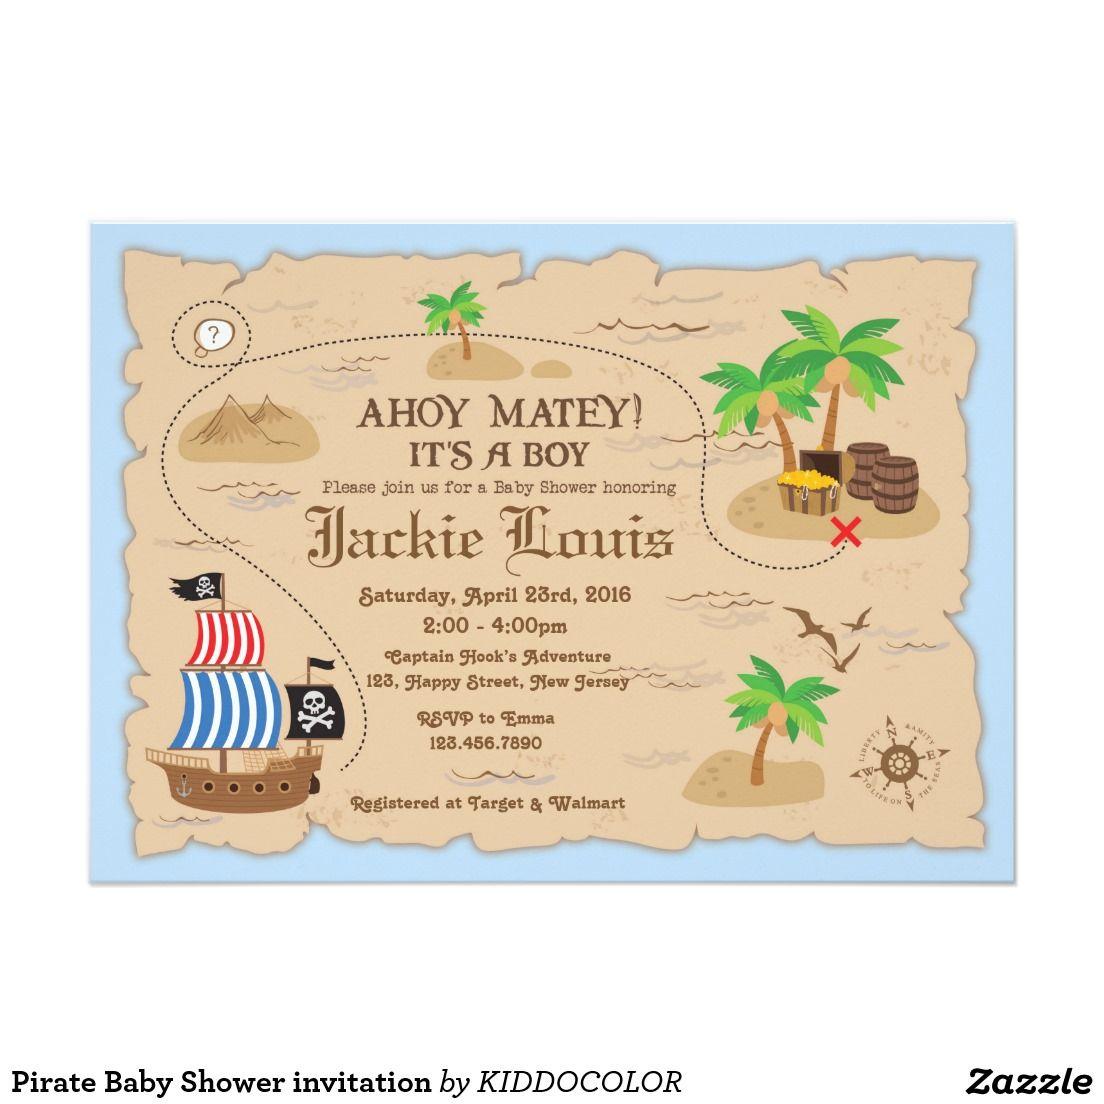 Pirate Baby Shower invitation | Pirate baby